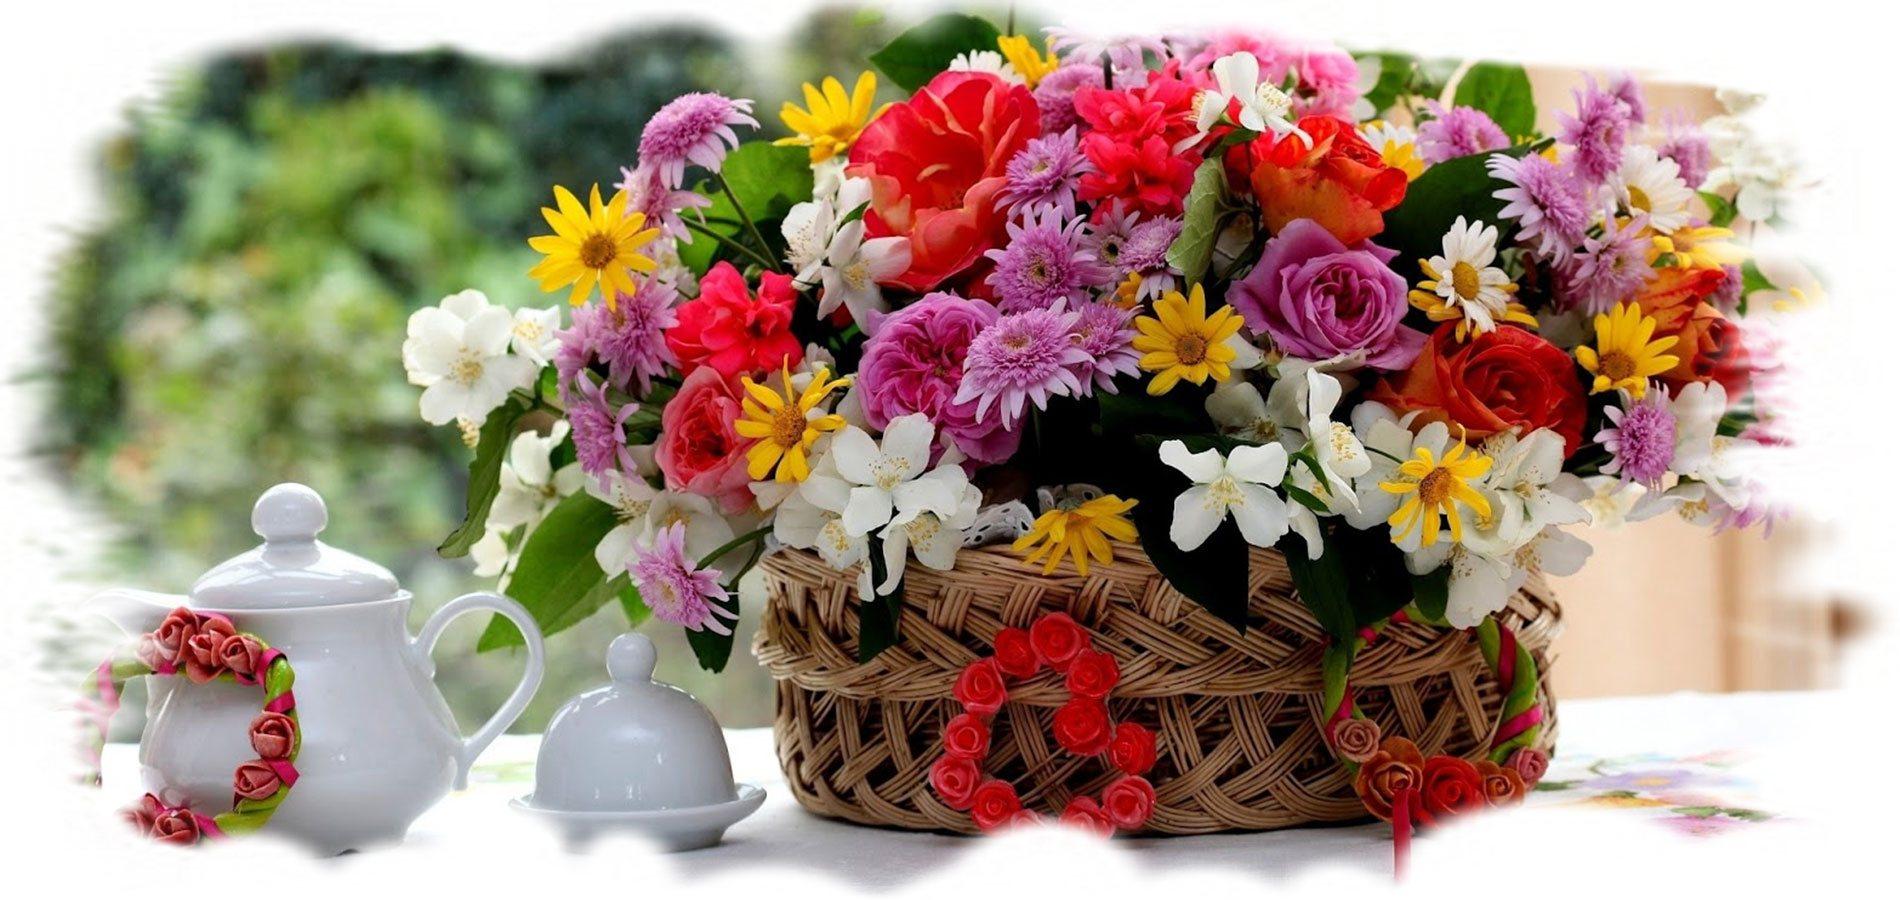 Заказать цветы с доставкой в гомеле услуга доставка цветов анонимно не дорогой